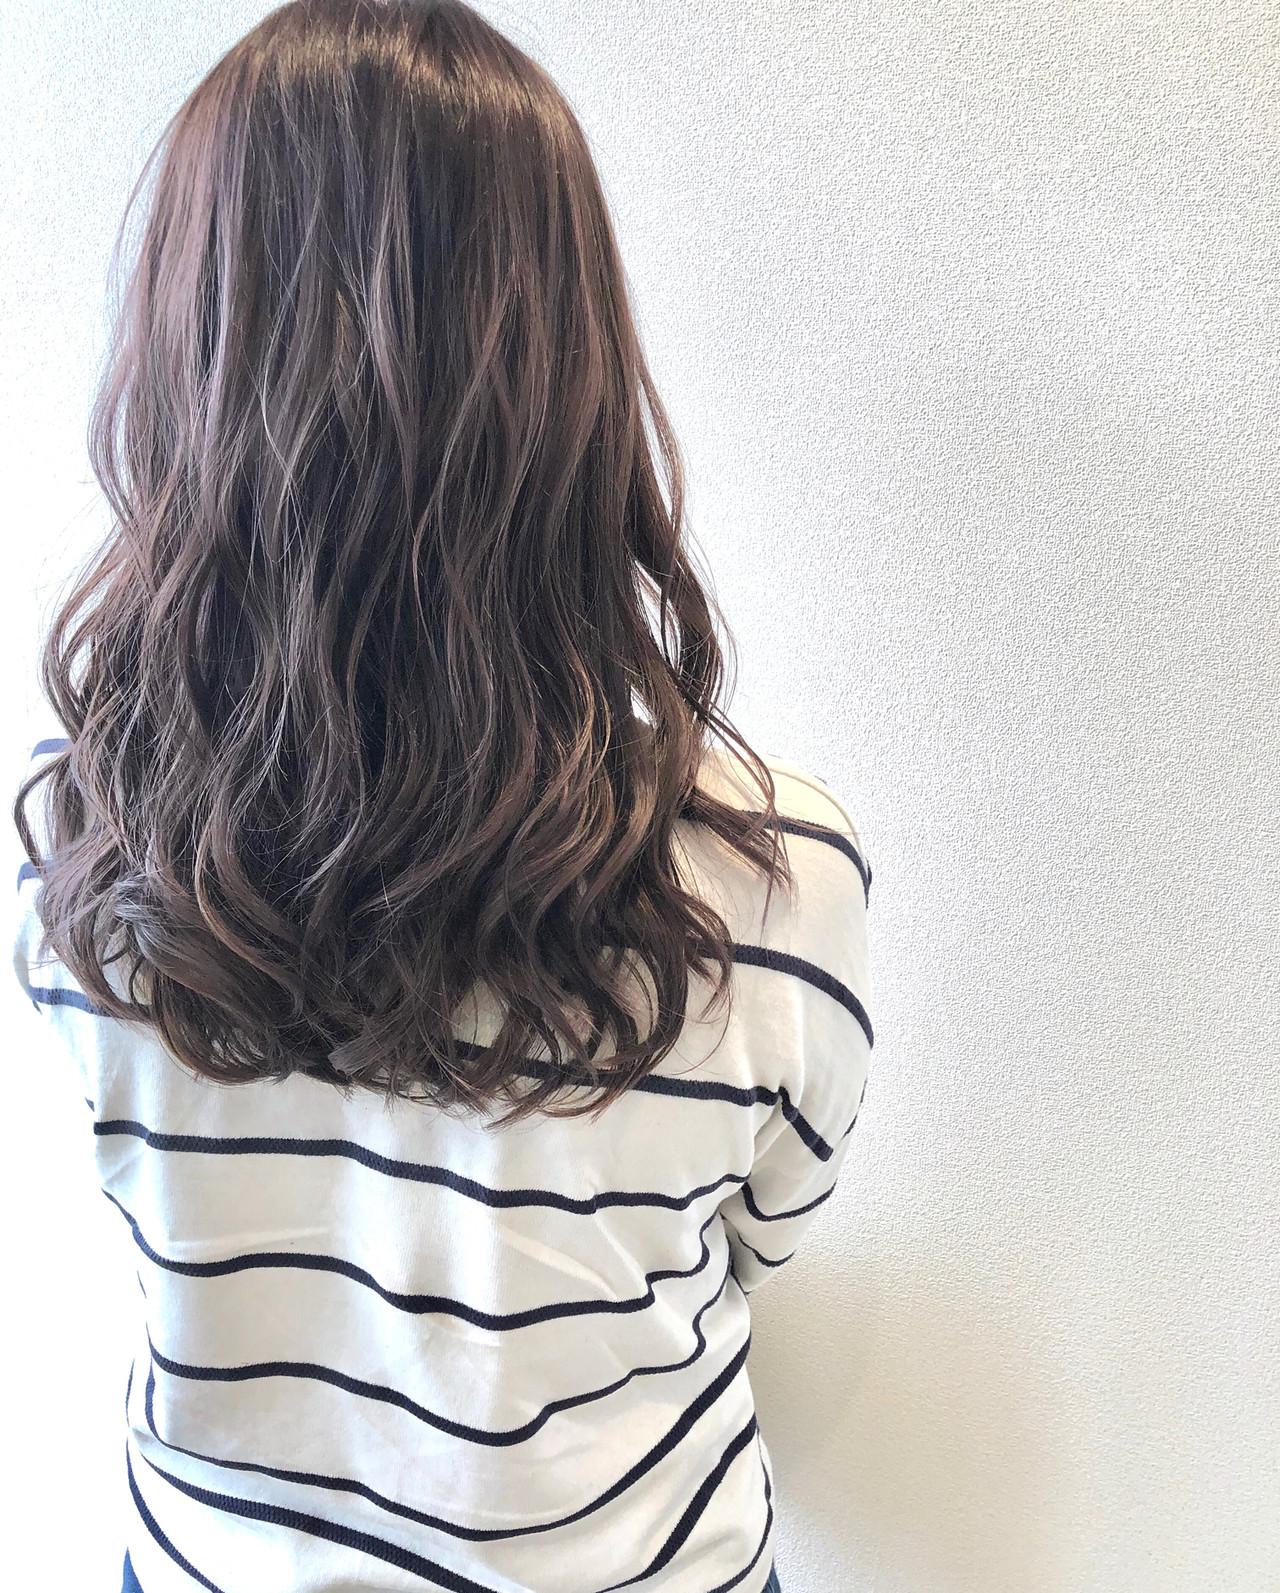 ラベンダーカラー ラベンダーグレージュ エレガント ロング ヘアスタイルや髪型の写真・画像